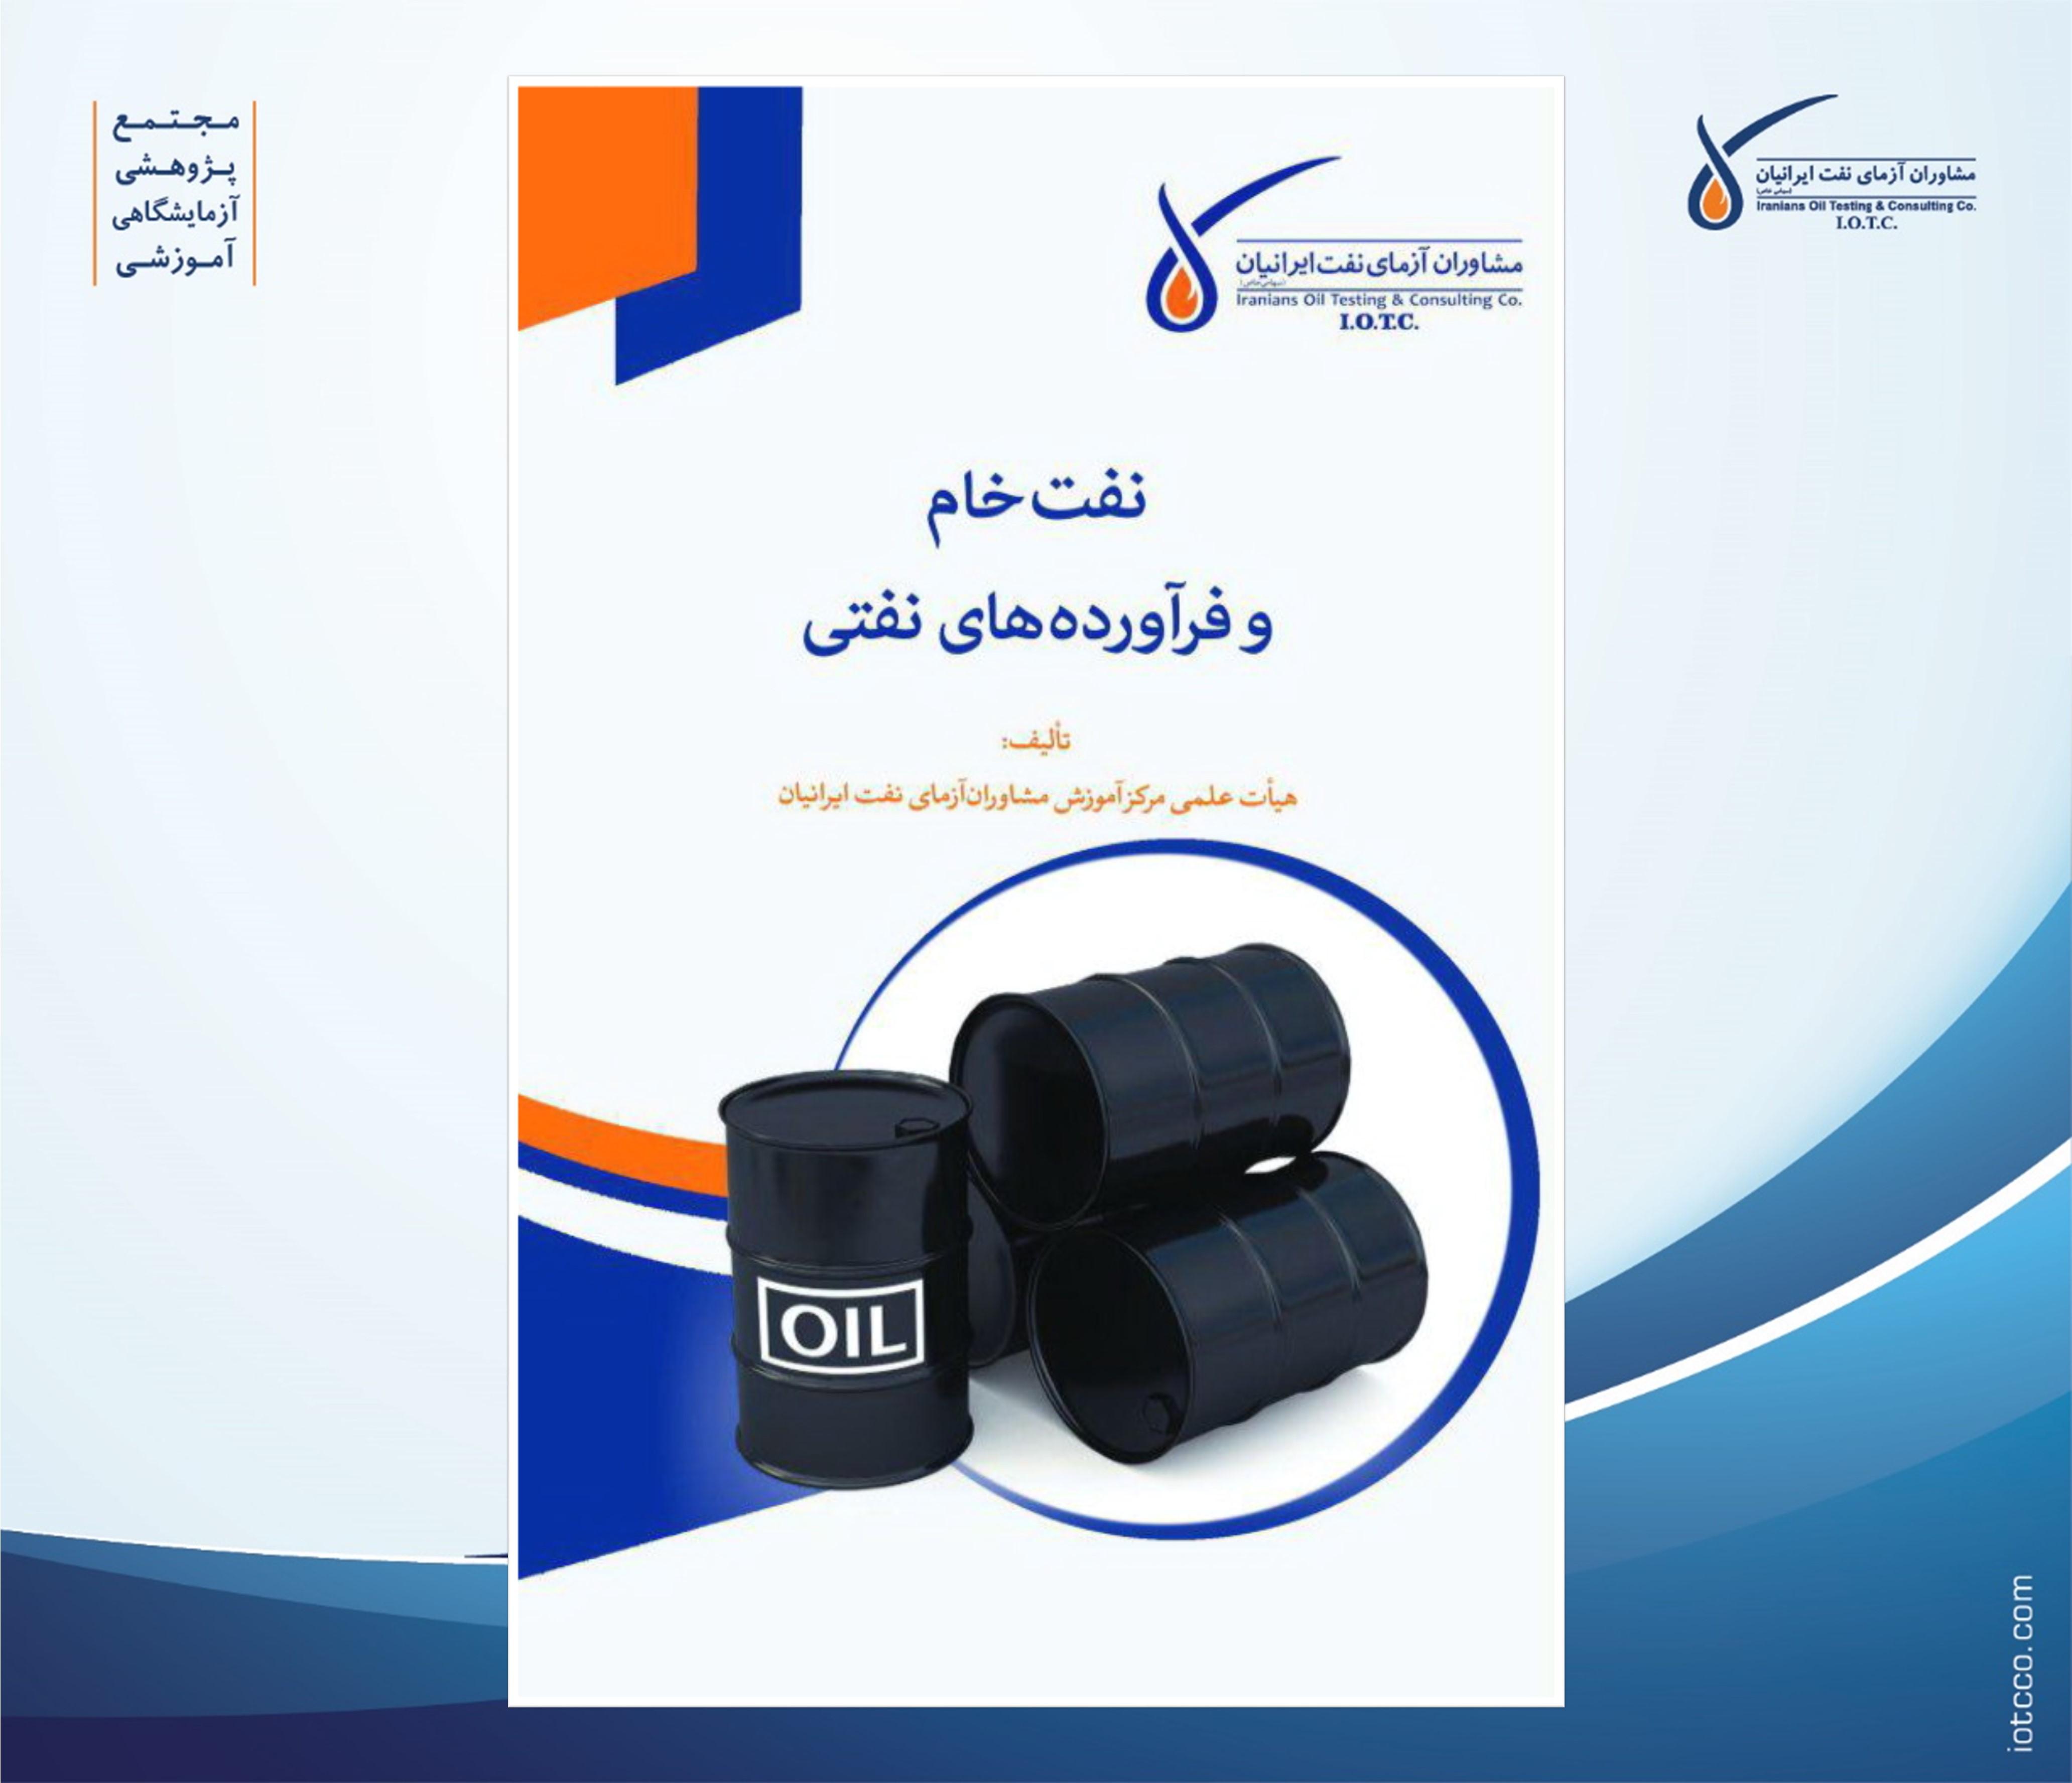 نفت خام و فرآورده های نفتی